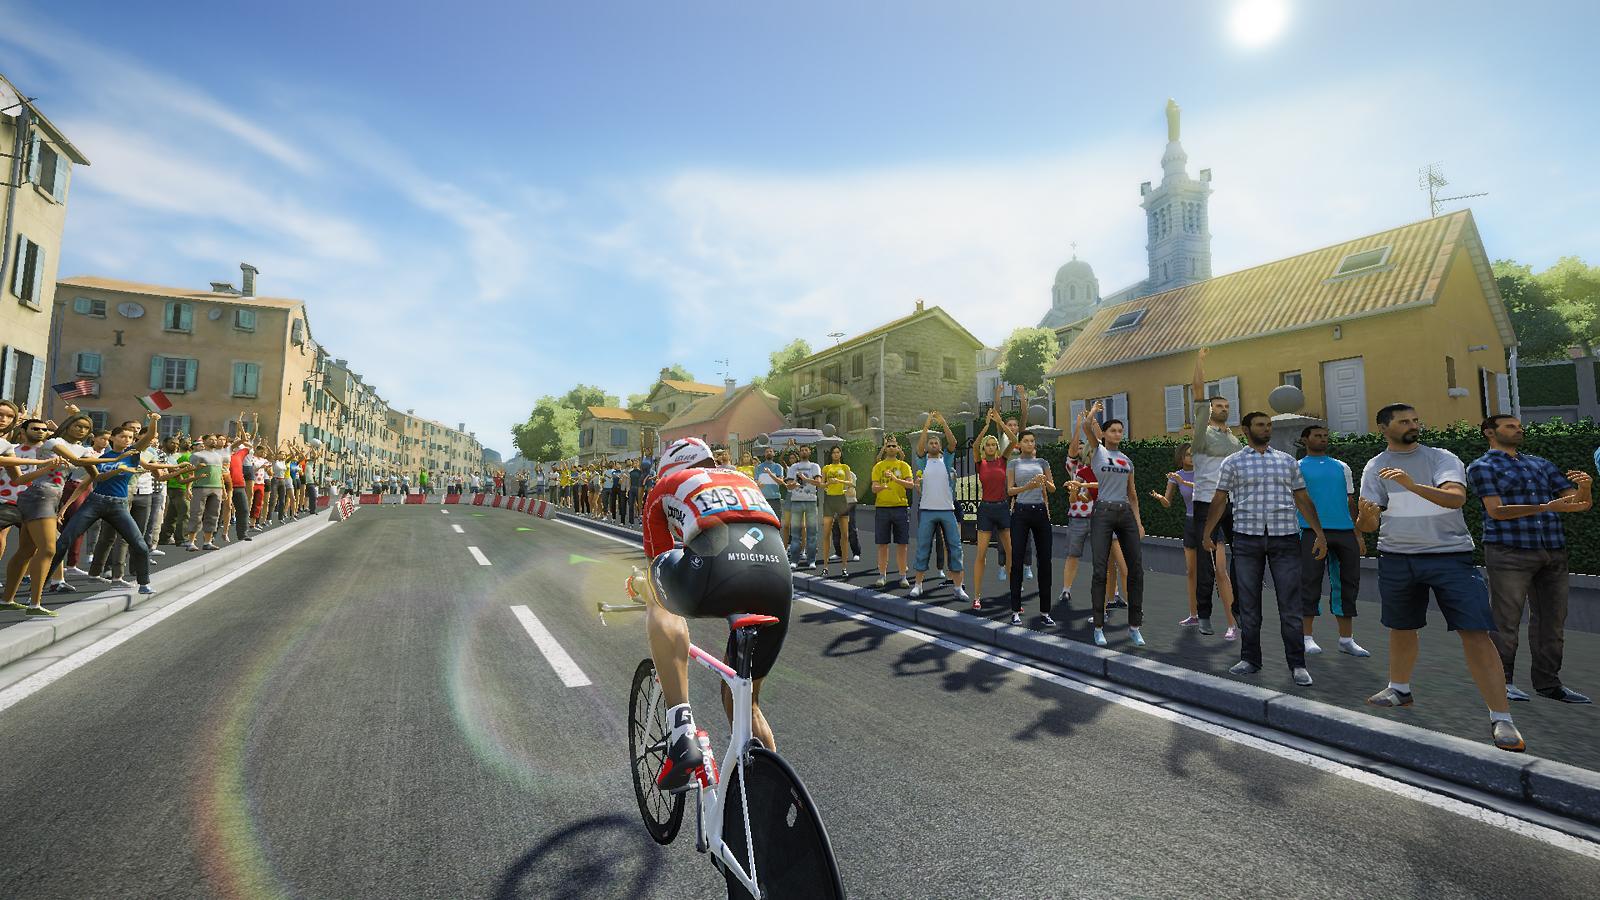 Radfahrer auf einer Strecke durch die Stadt, viele Fans auf der Seite